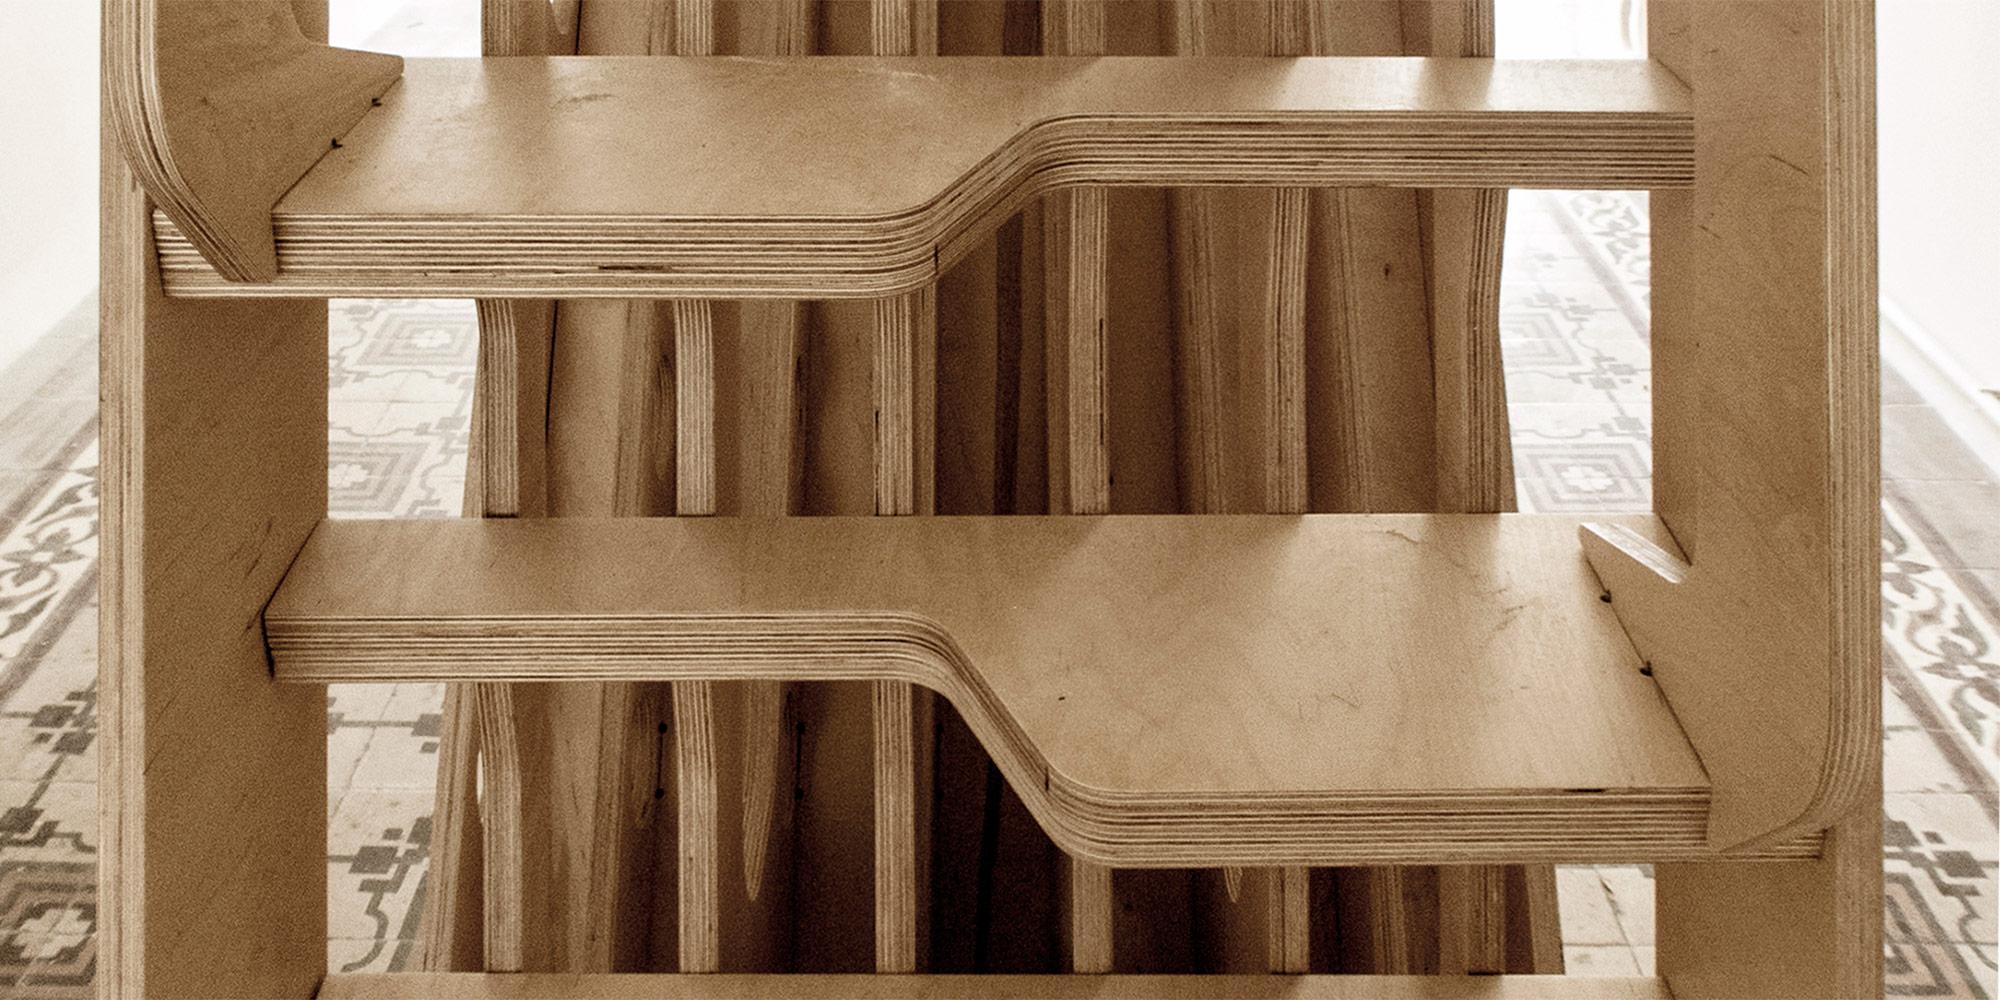 Scaletta di accesso al soppalco con gradini asimmetrici.